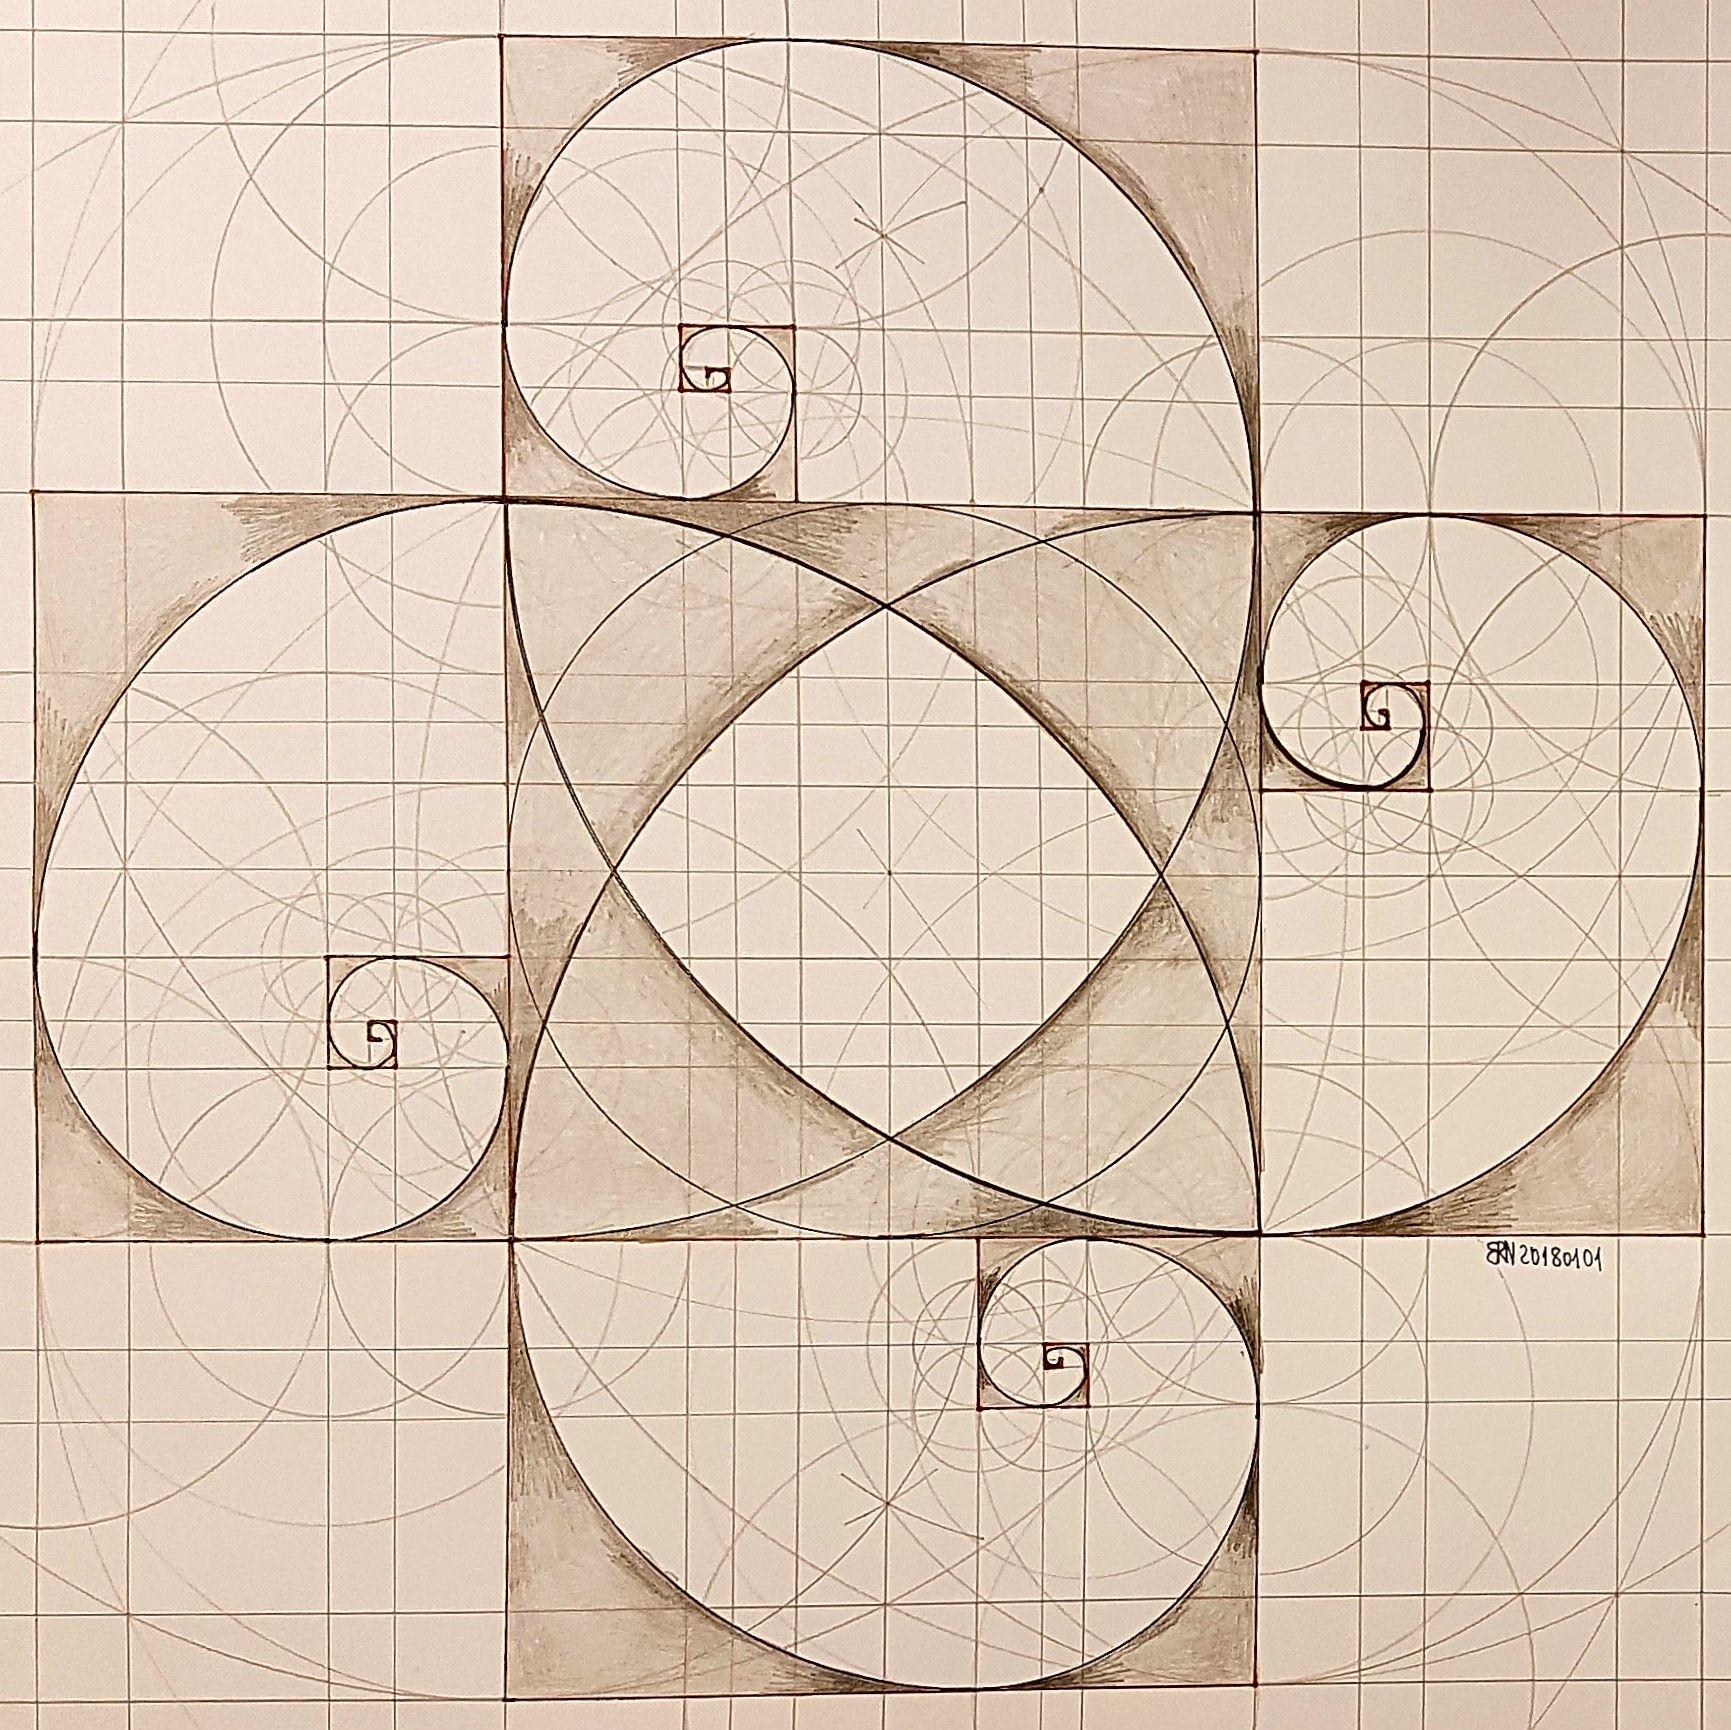 fractal #geometry #symmetry #handmade #mathart #regolo54 #escher ...